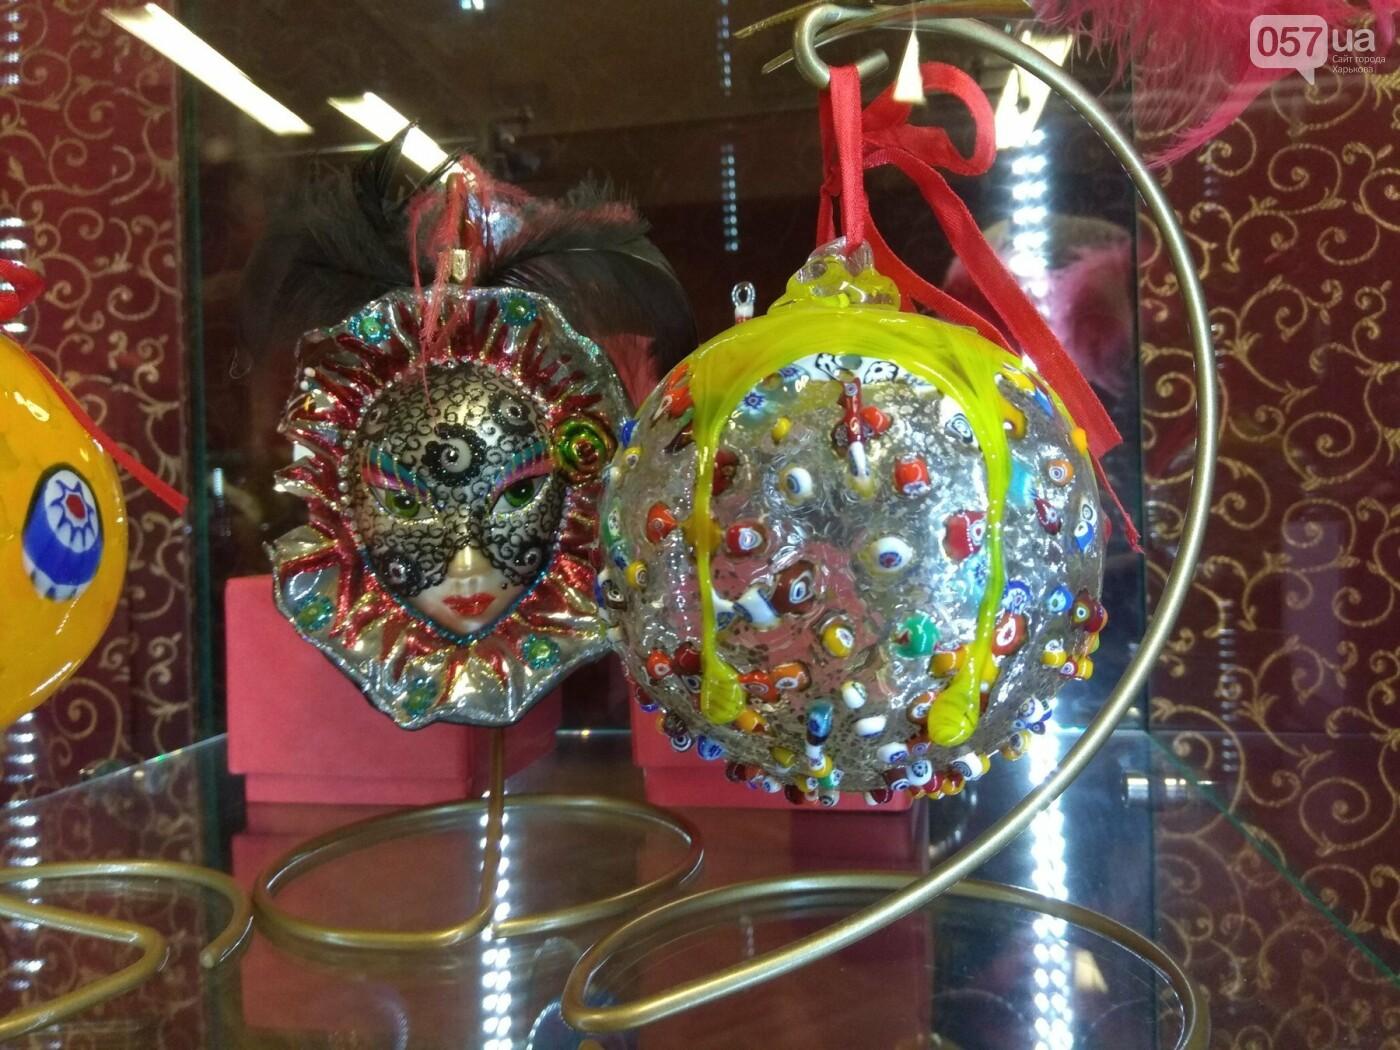 Фабрика елочных игрушек под Киевом. Куда харьковчане могут поехать на выходных, - ФОТО, фото-13